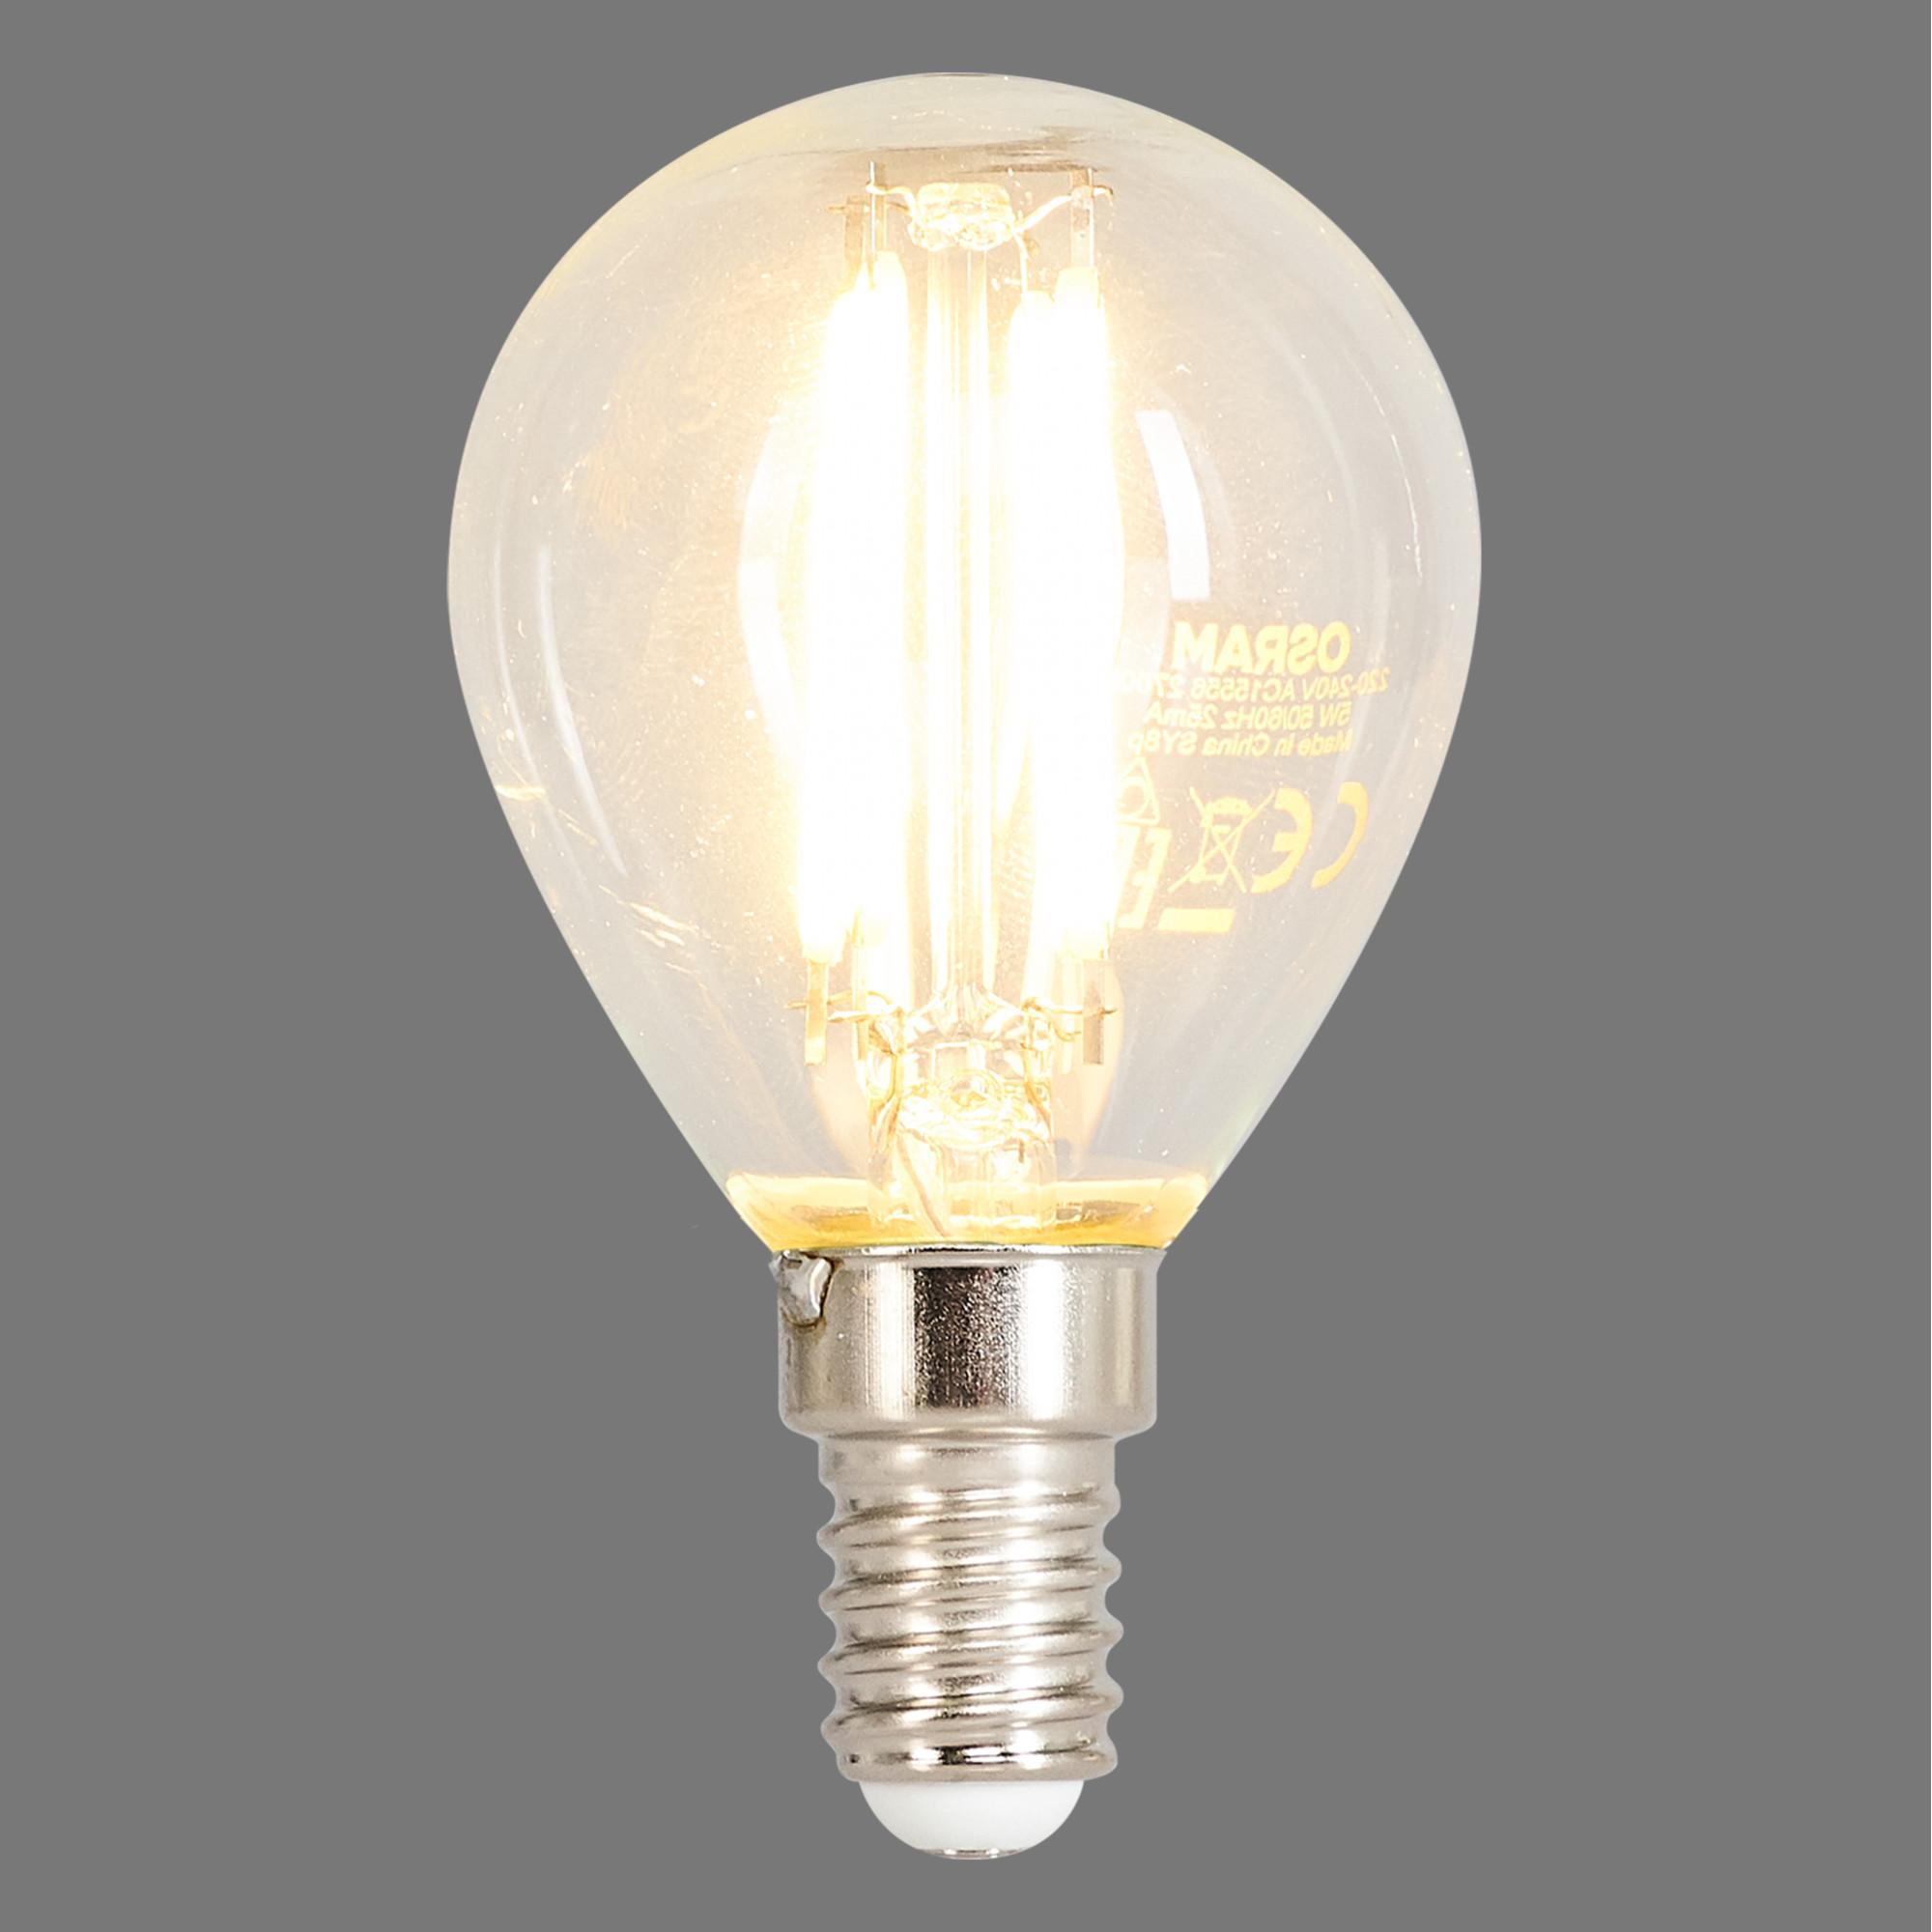 Лампа светодиодная филаментная Osram E14 220 В 5 Вт шар прозрачная 520 лм тёплый белый свет для диммера